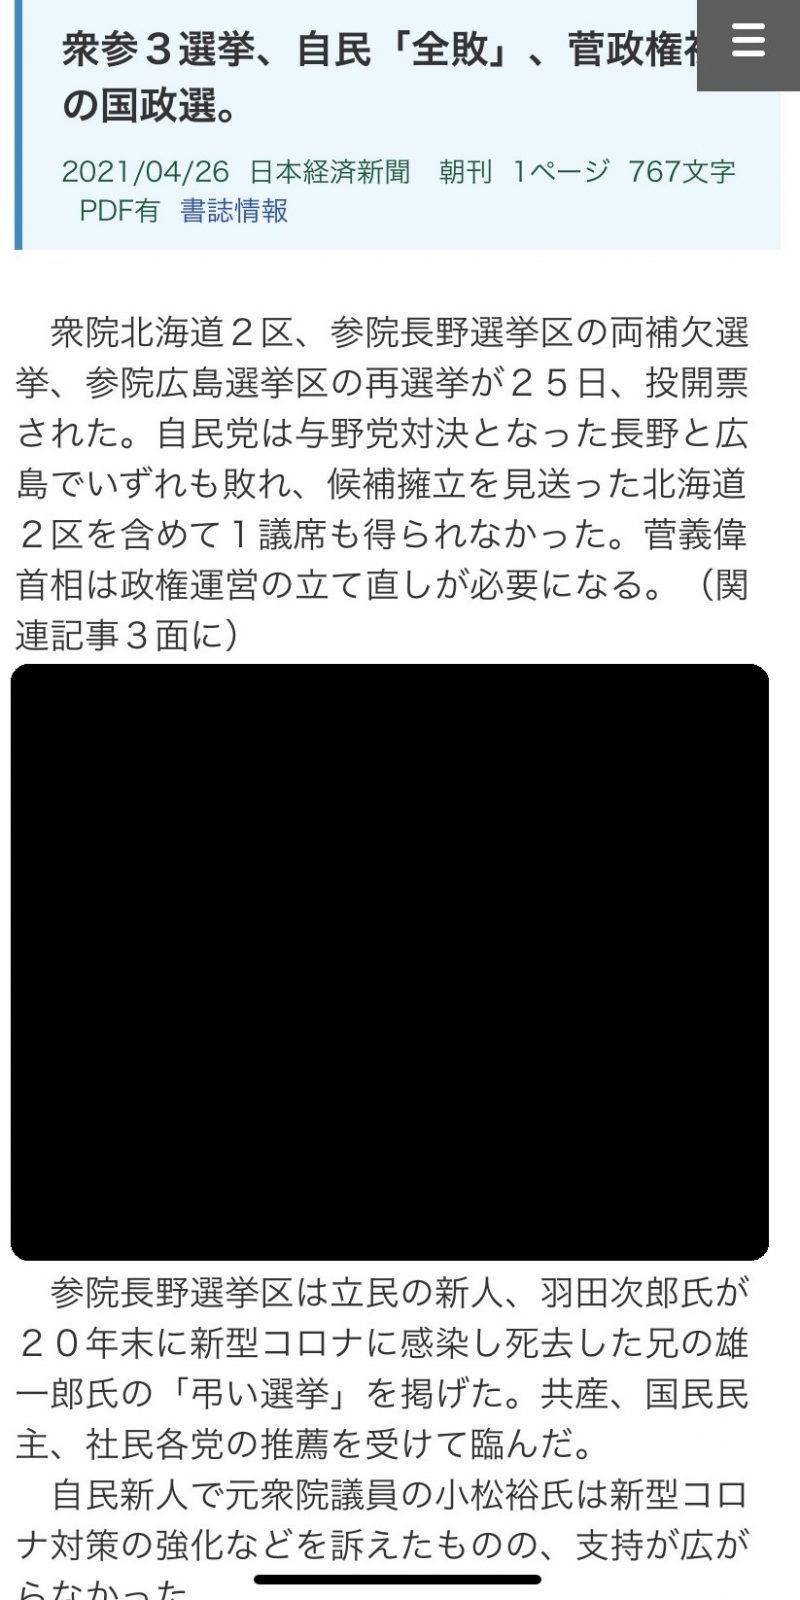 楽天証券アプリでの日経新聞を無料閲覧イメージ(テキストベース)